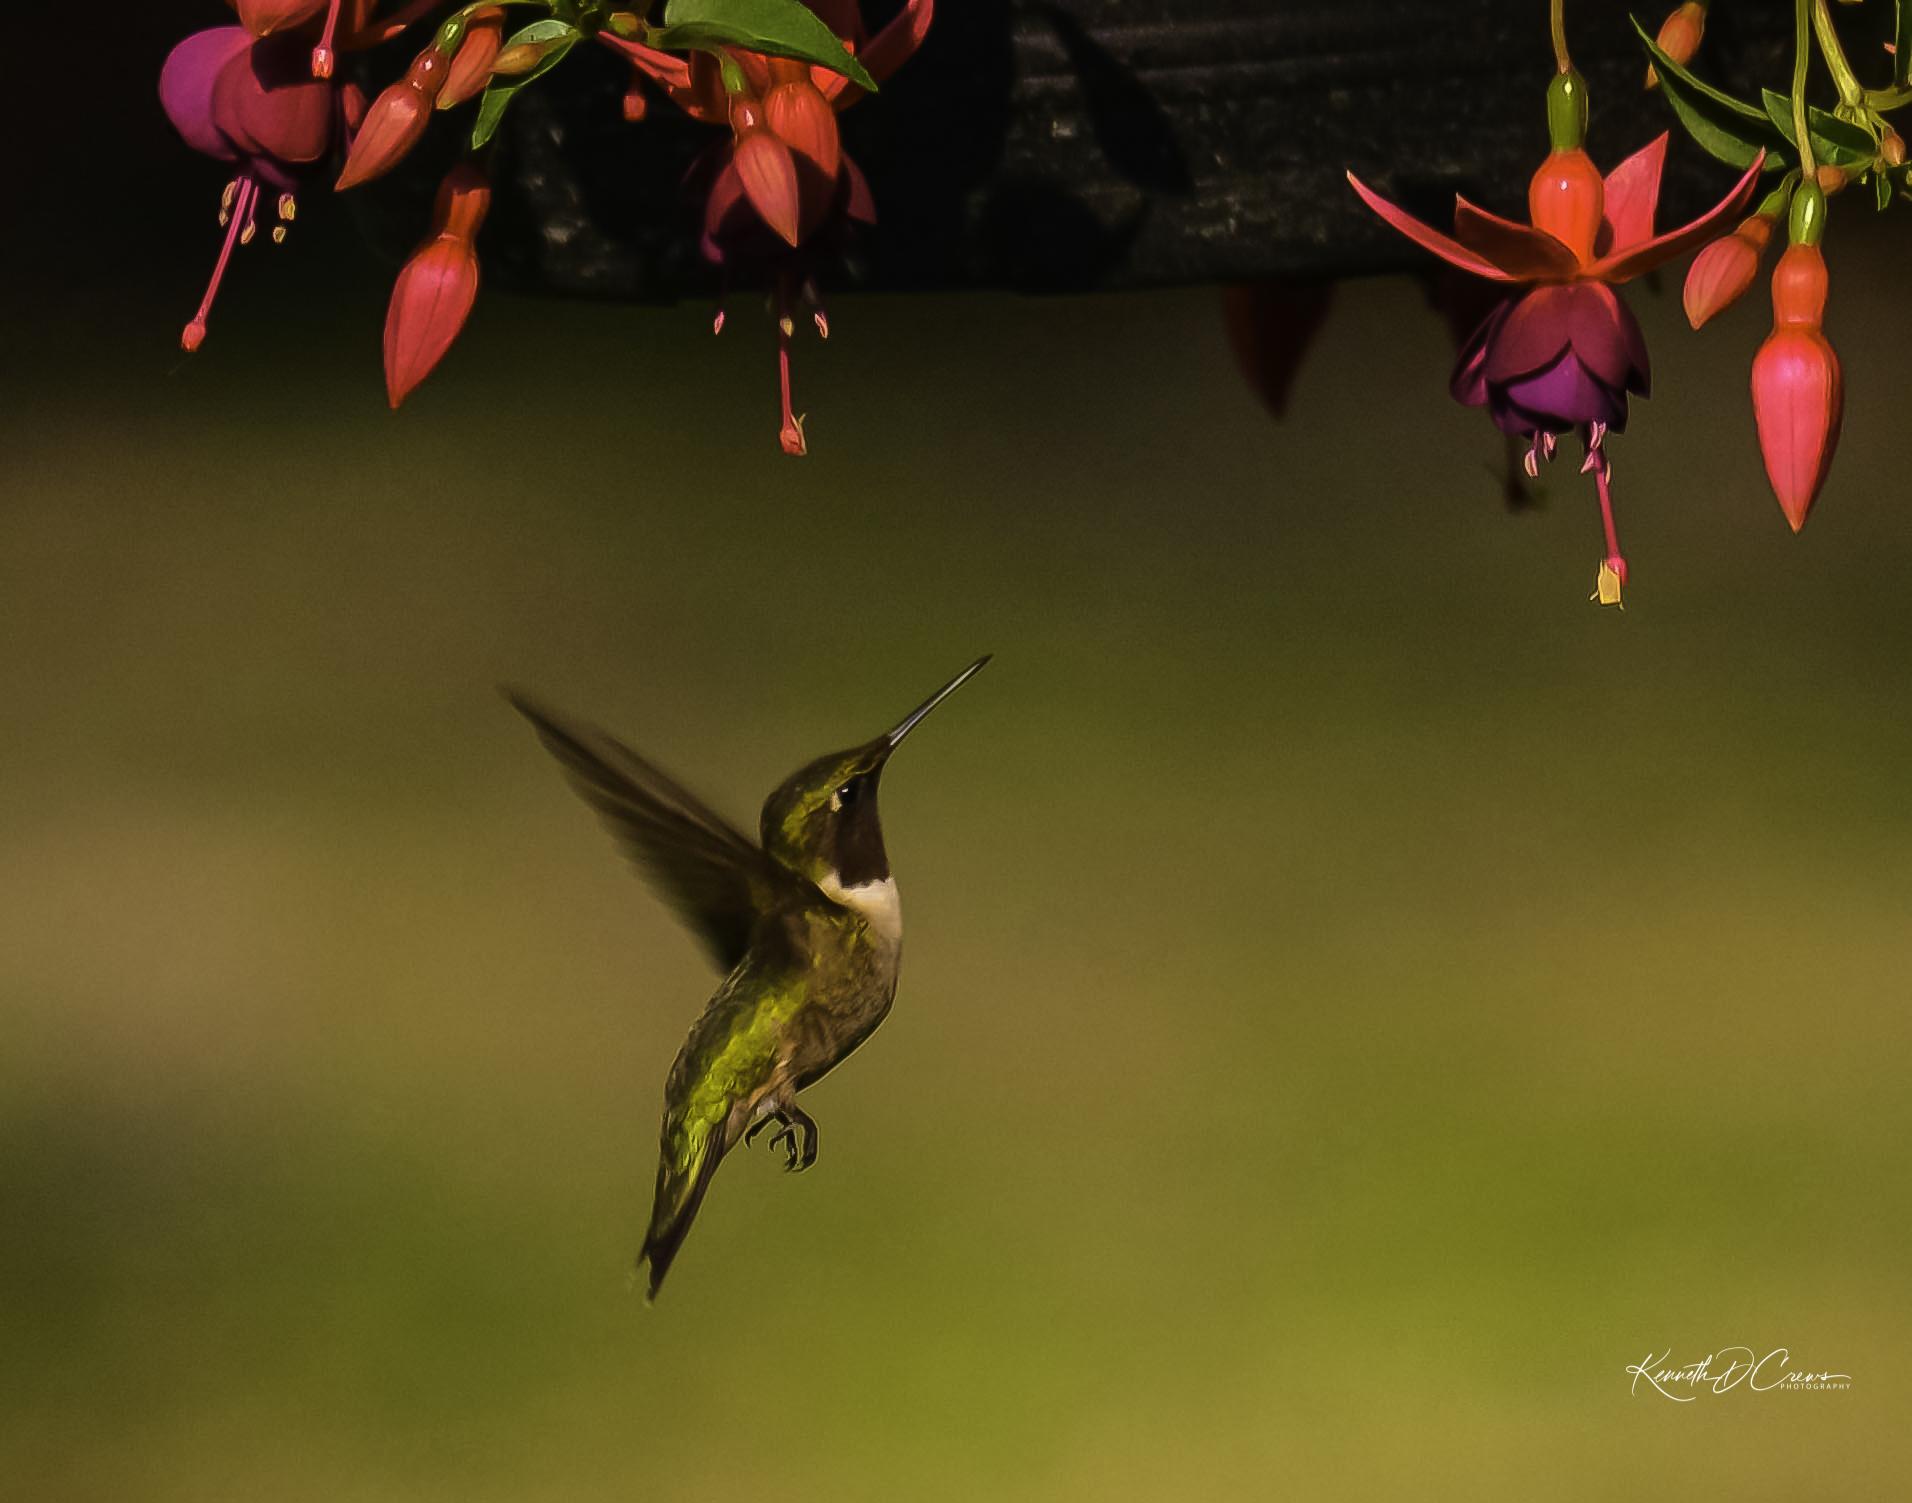 Humming Bird-1